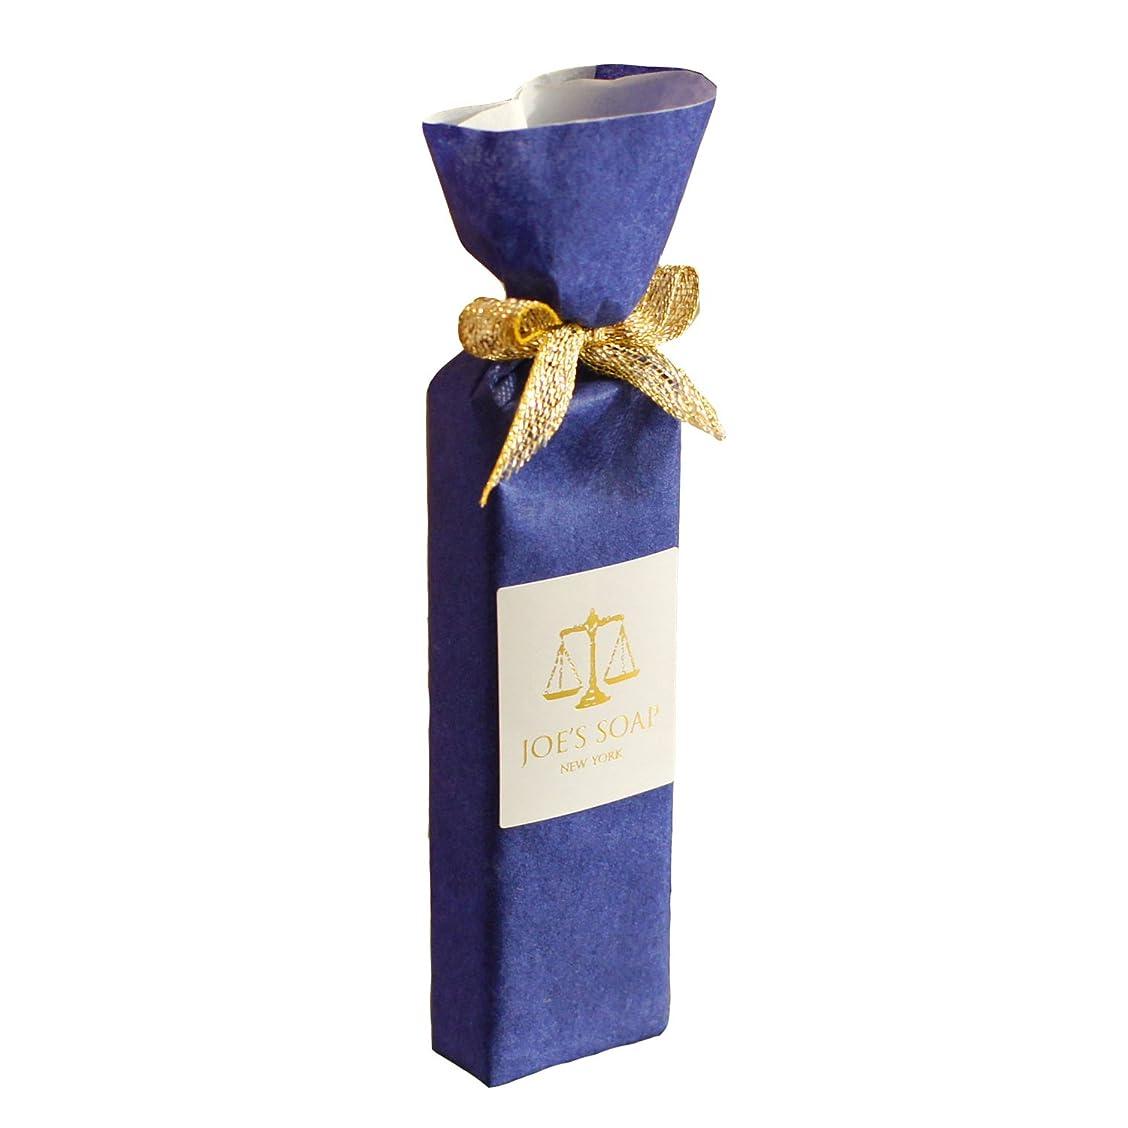 シェフ速度蜂JOE'S SOAP ジョーズソープ オリーブソープ NO.5 LAVENDER ラベンダー20g お試し トライアル 無添加  石鹸 オーガニック 保湿 洗顔 乾燥肌 敏感肌